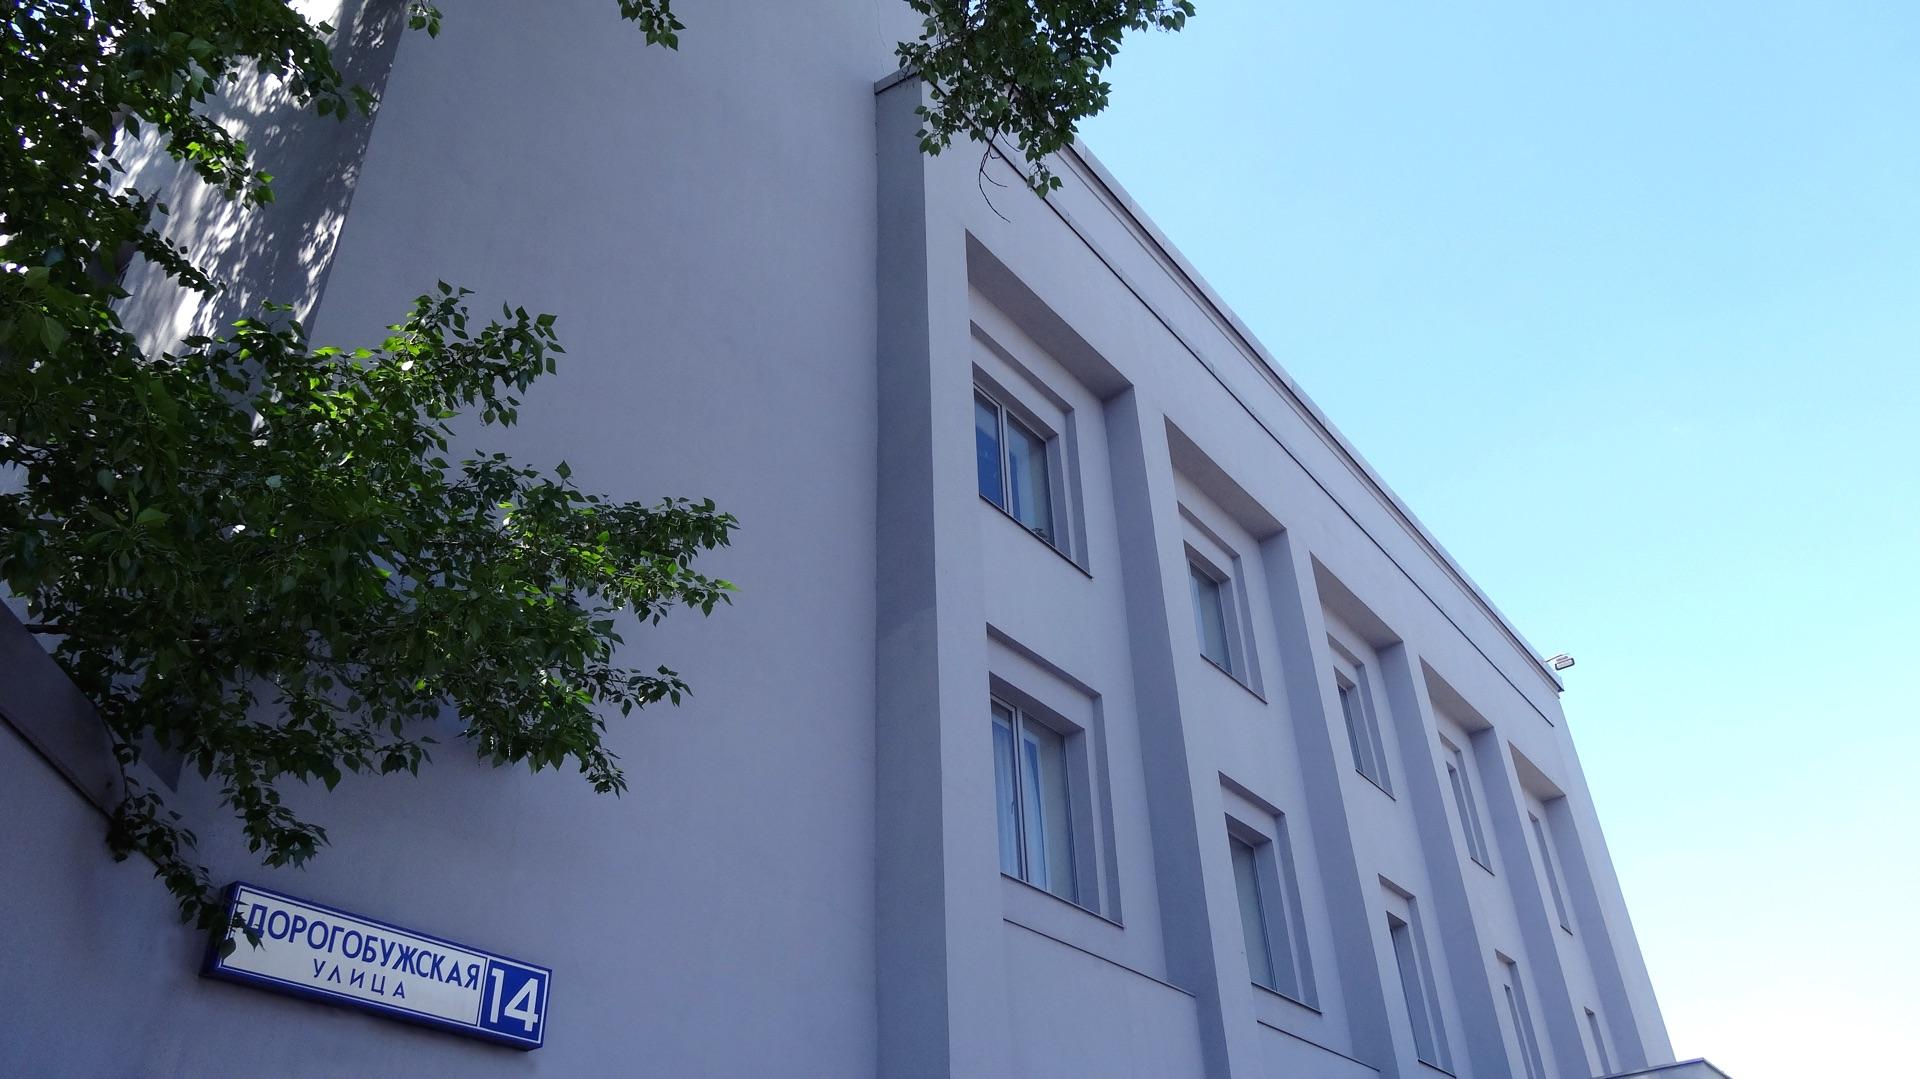 Аренда офиса в бизнес-центре Дорогобужский